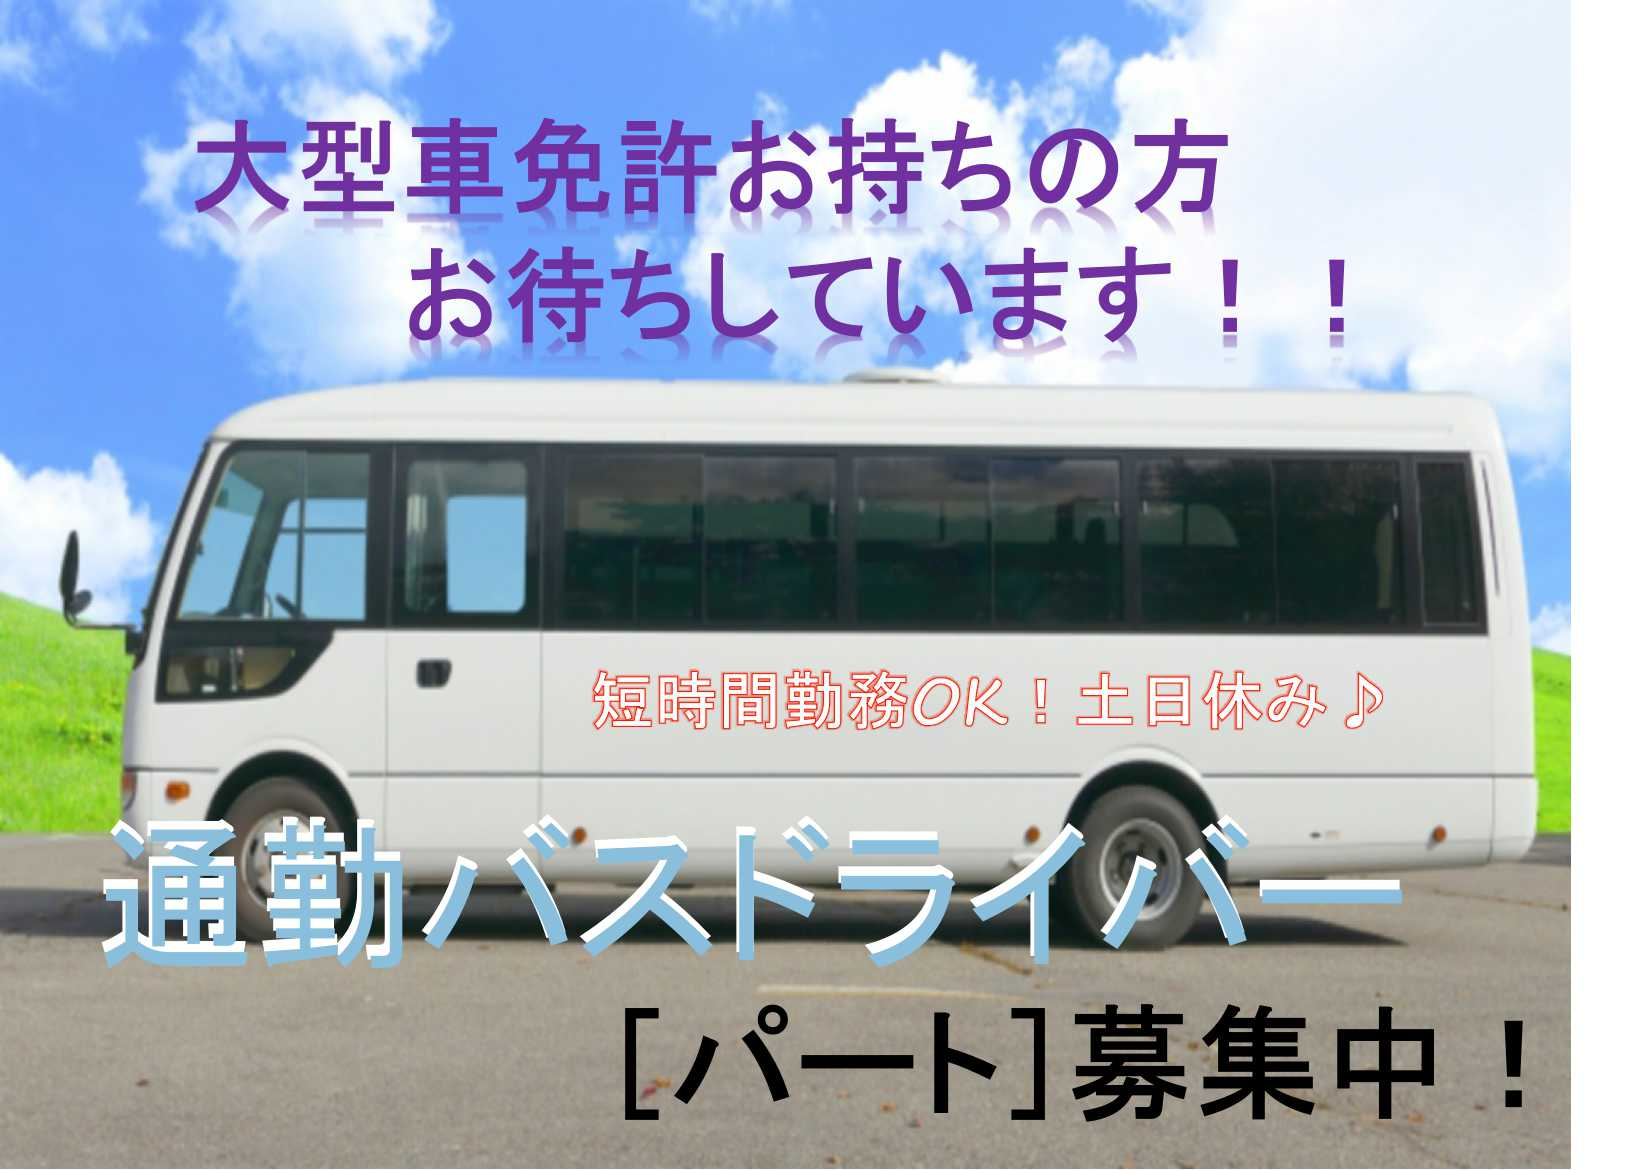 シニア世代活躍中♪大型車乗務経験者歓迎★通勤バスドライバー【即面談可】 イメージ